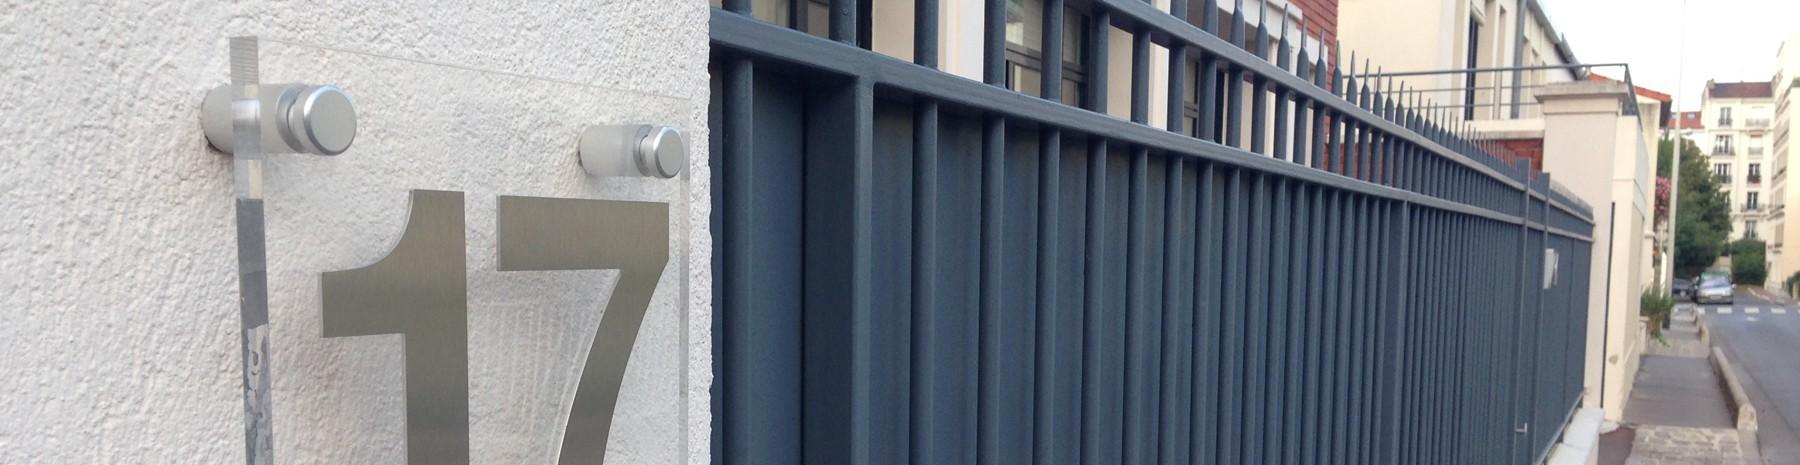 Fixation murale fendue entretoise pour tous systèmes d'affichage